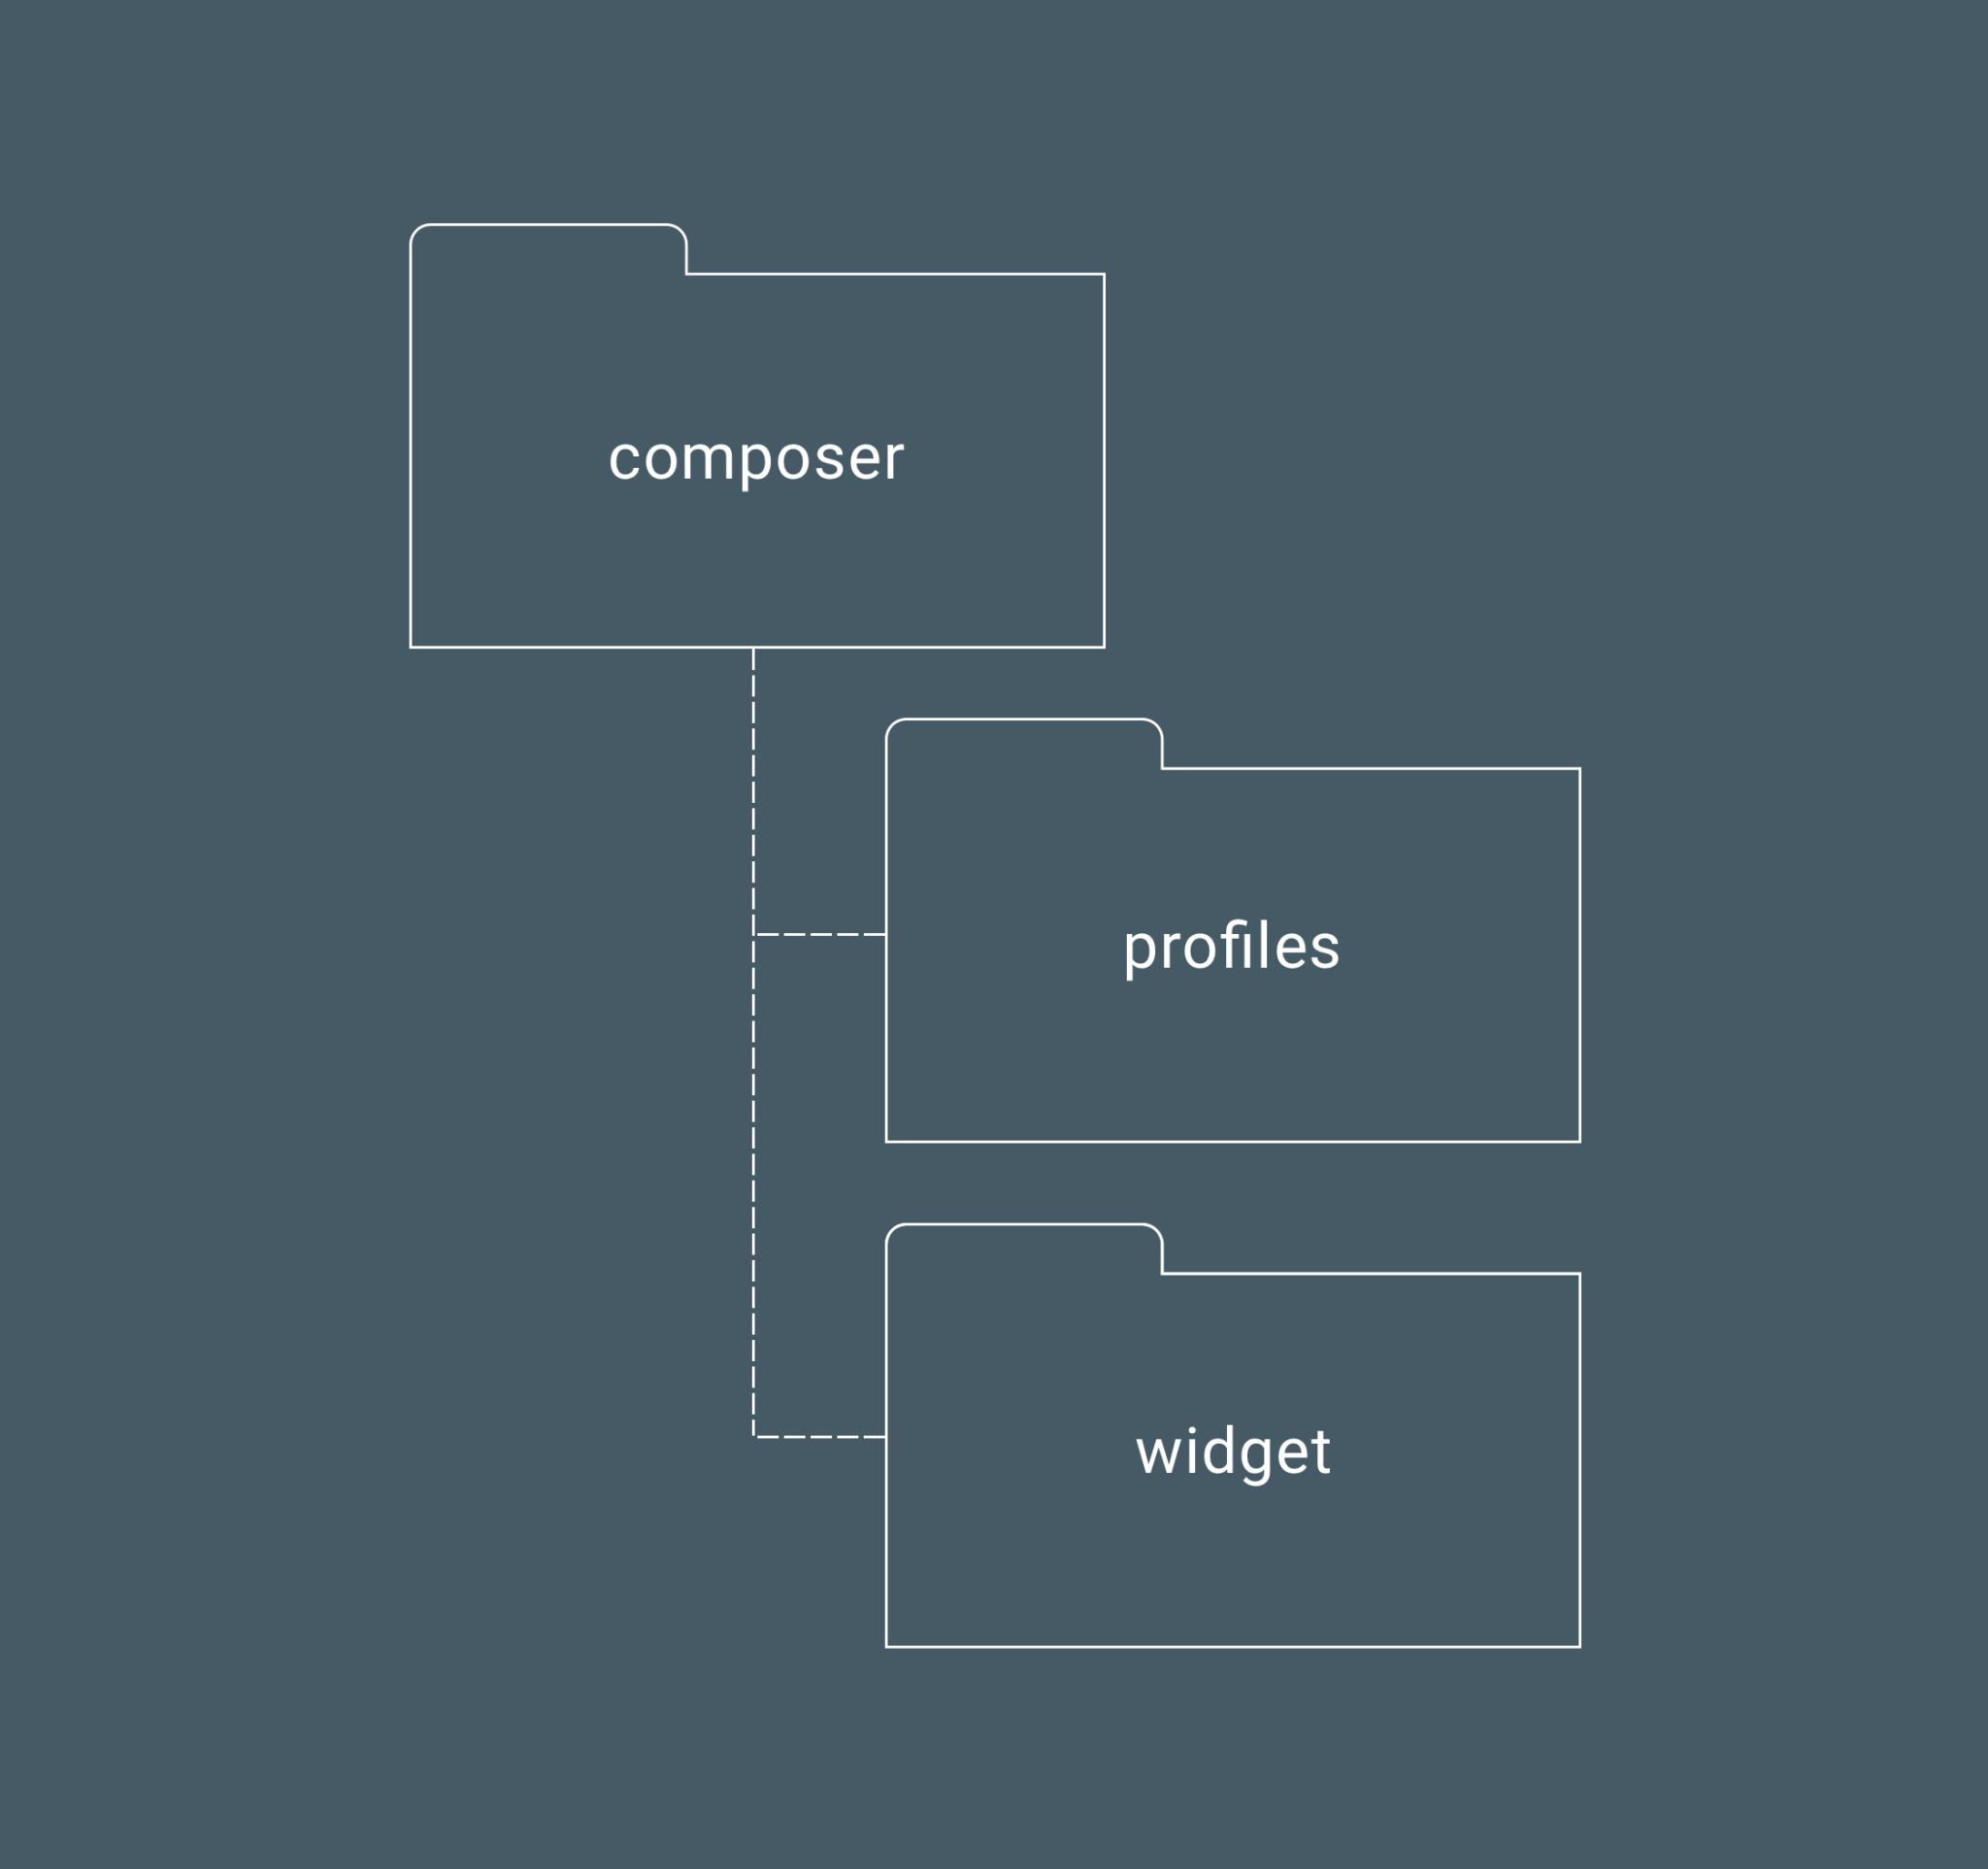 new_composer